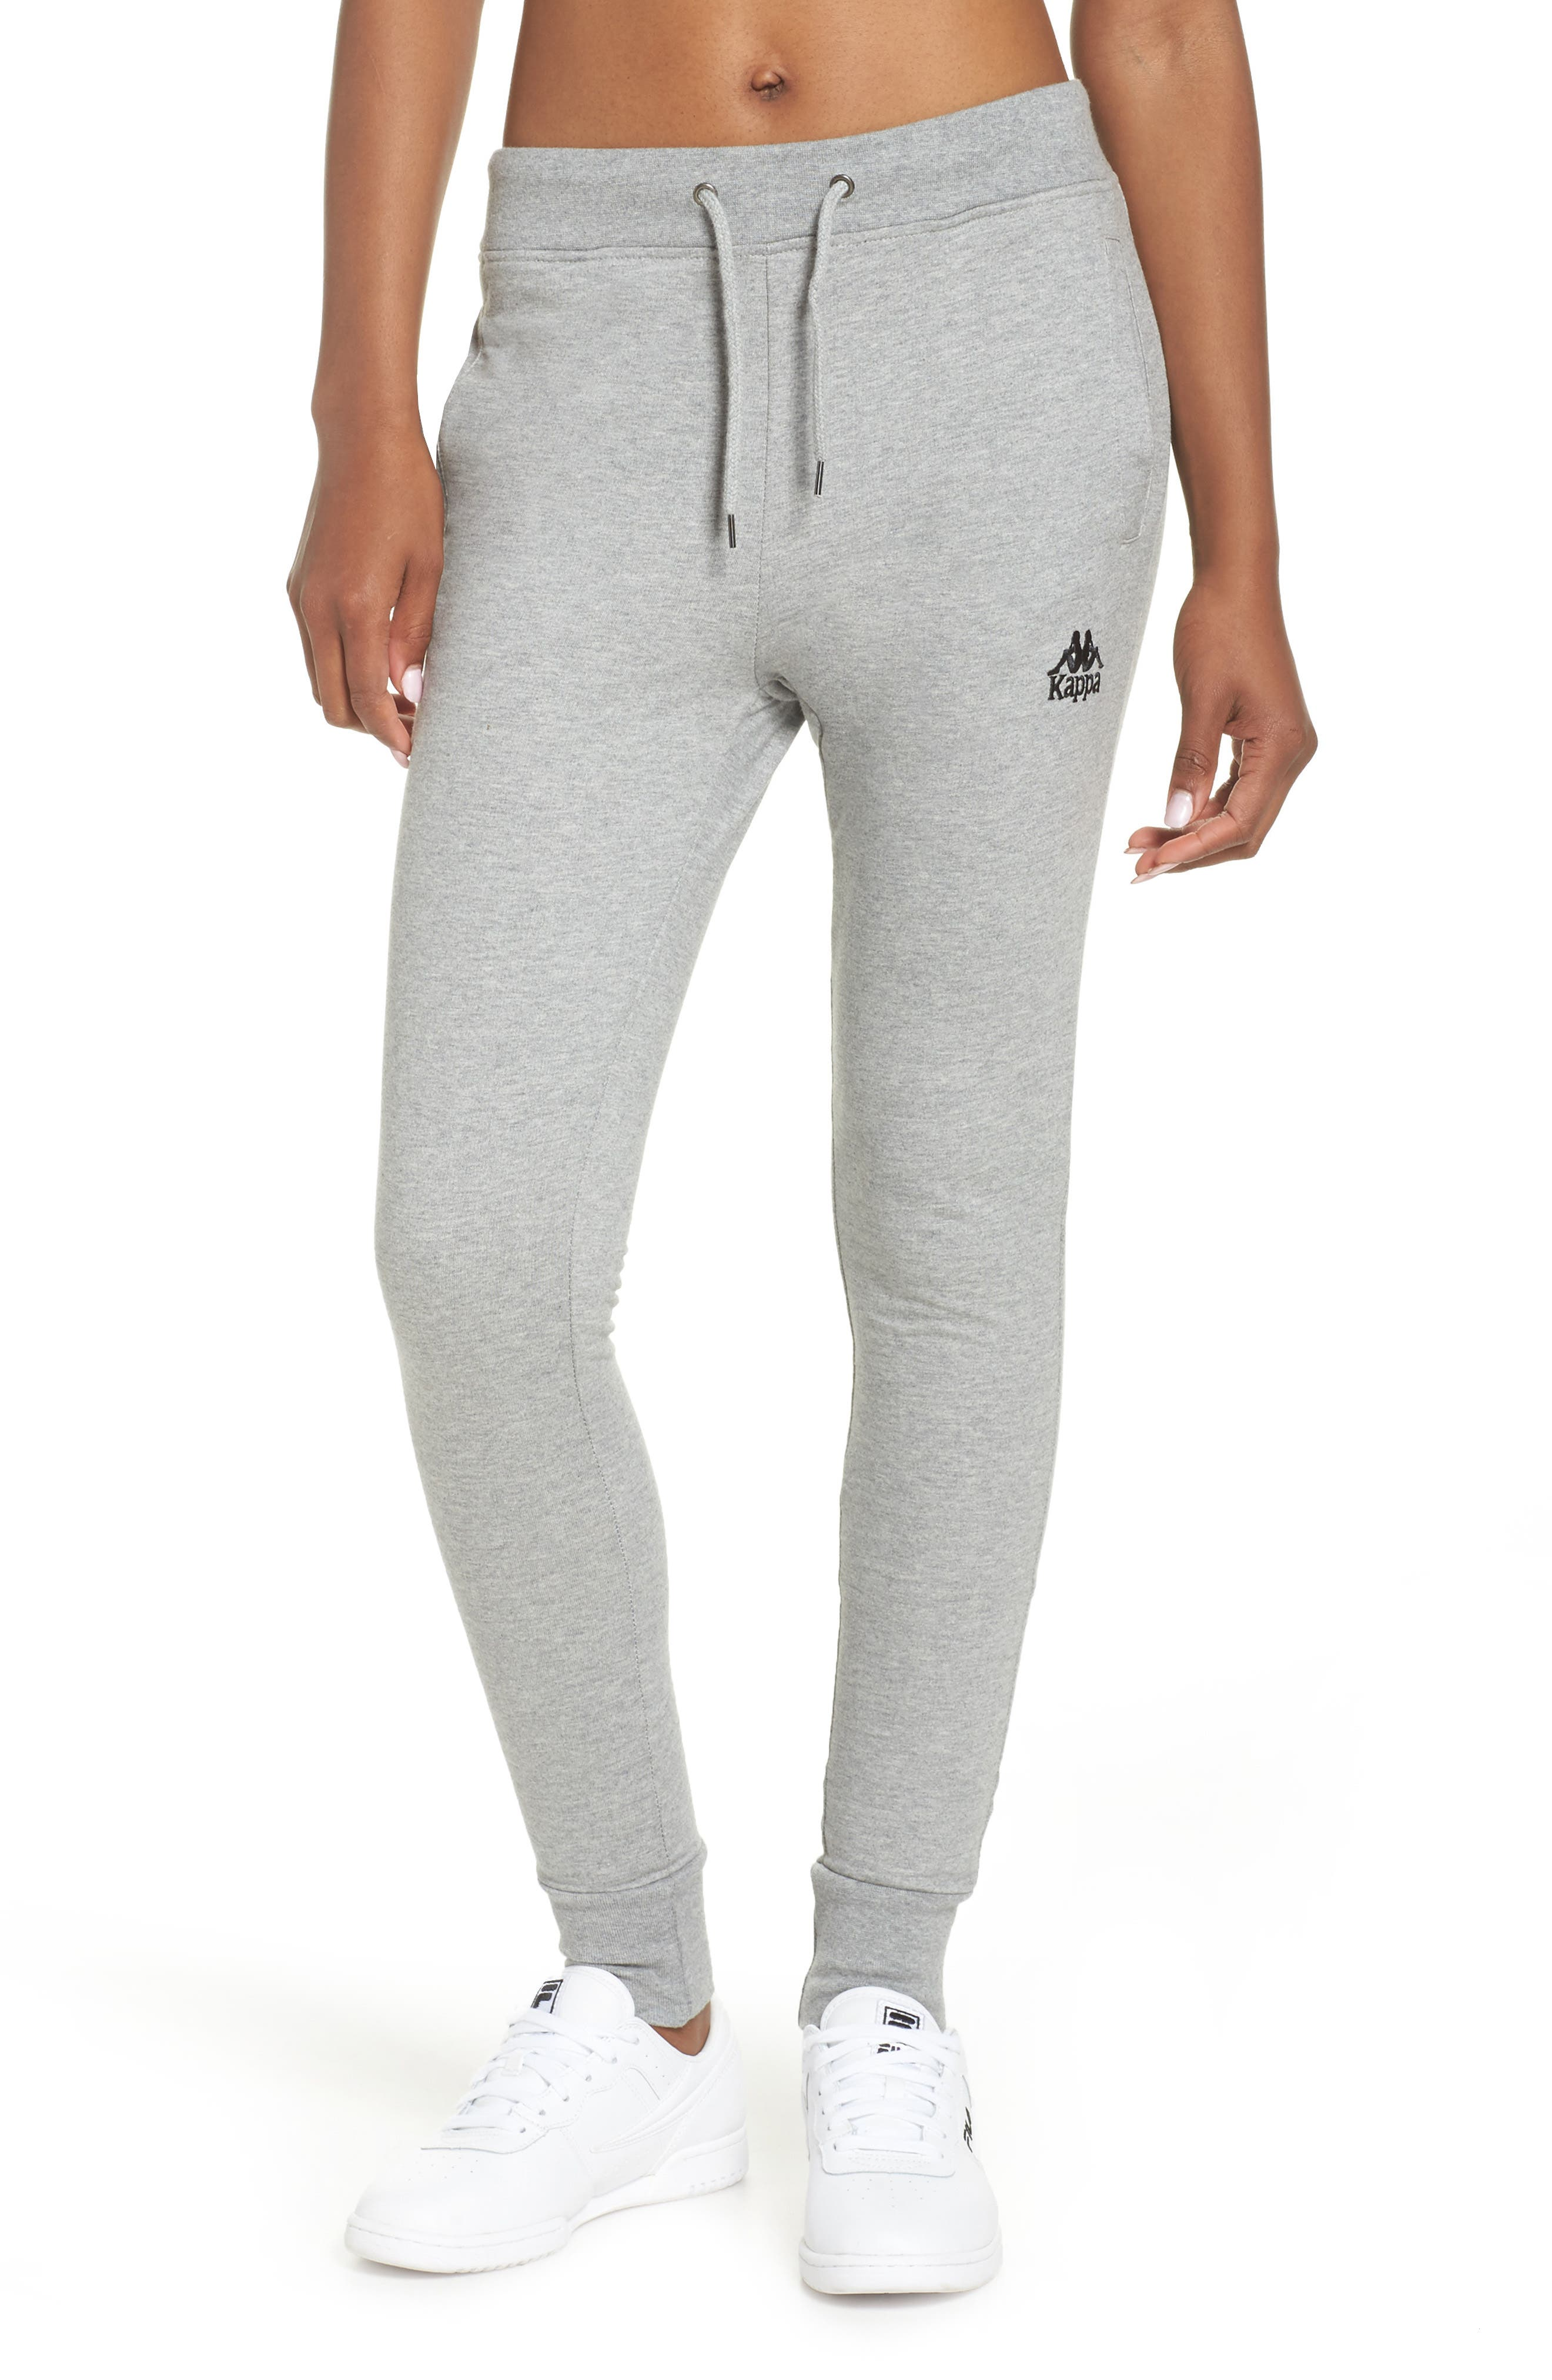 Authentic Cresta Slim Fit Sweatpants,                         Main,                         color, Grey